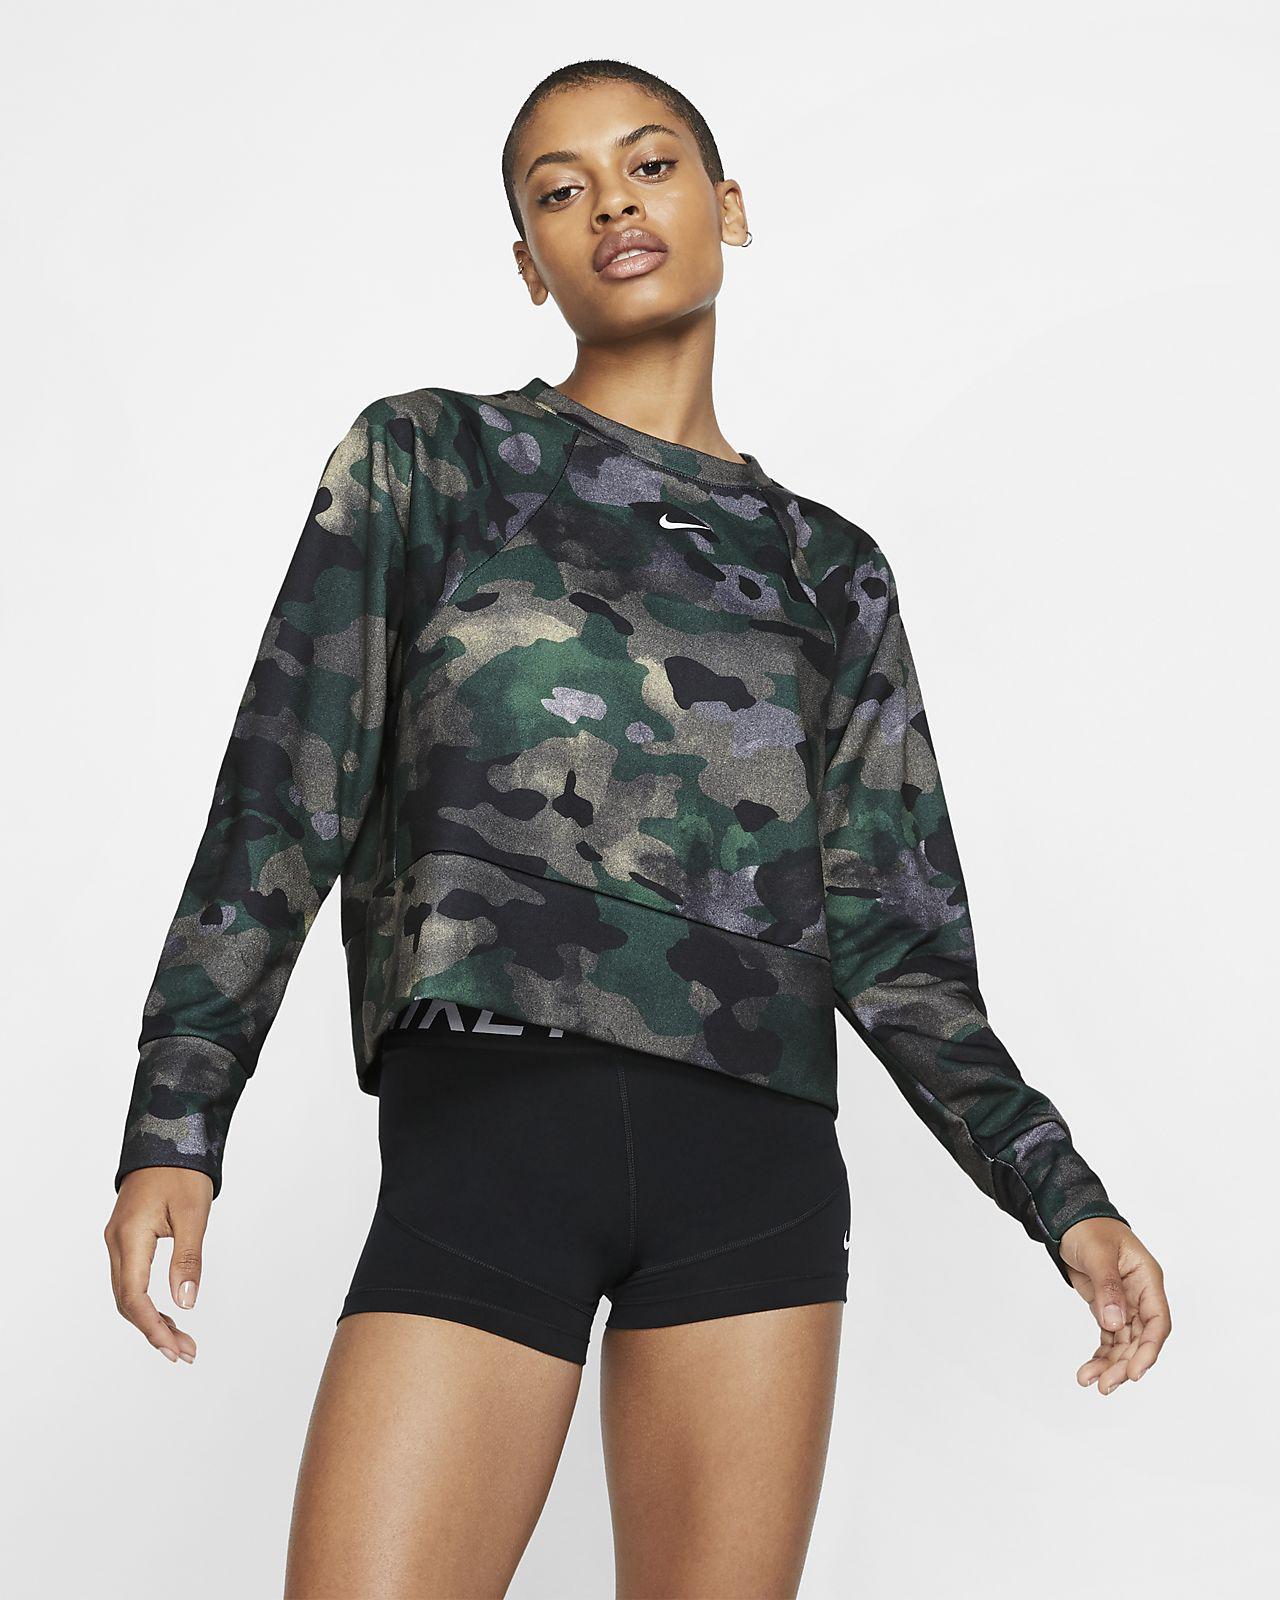 Женская флисовая футболка с камуфляжным принтом для тренинга Nike Dri-FIT